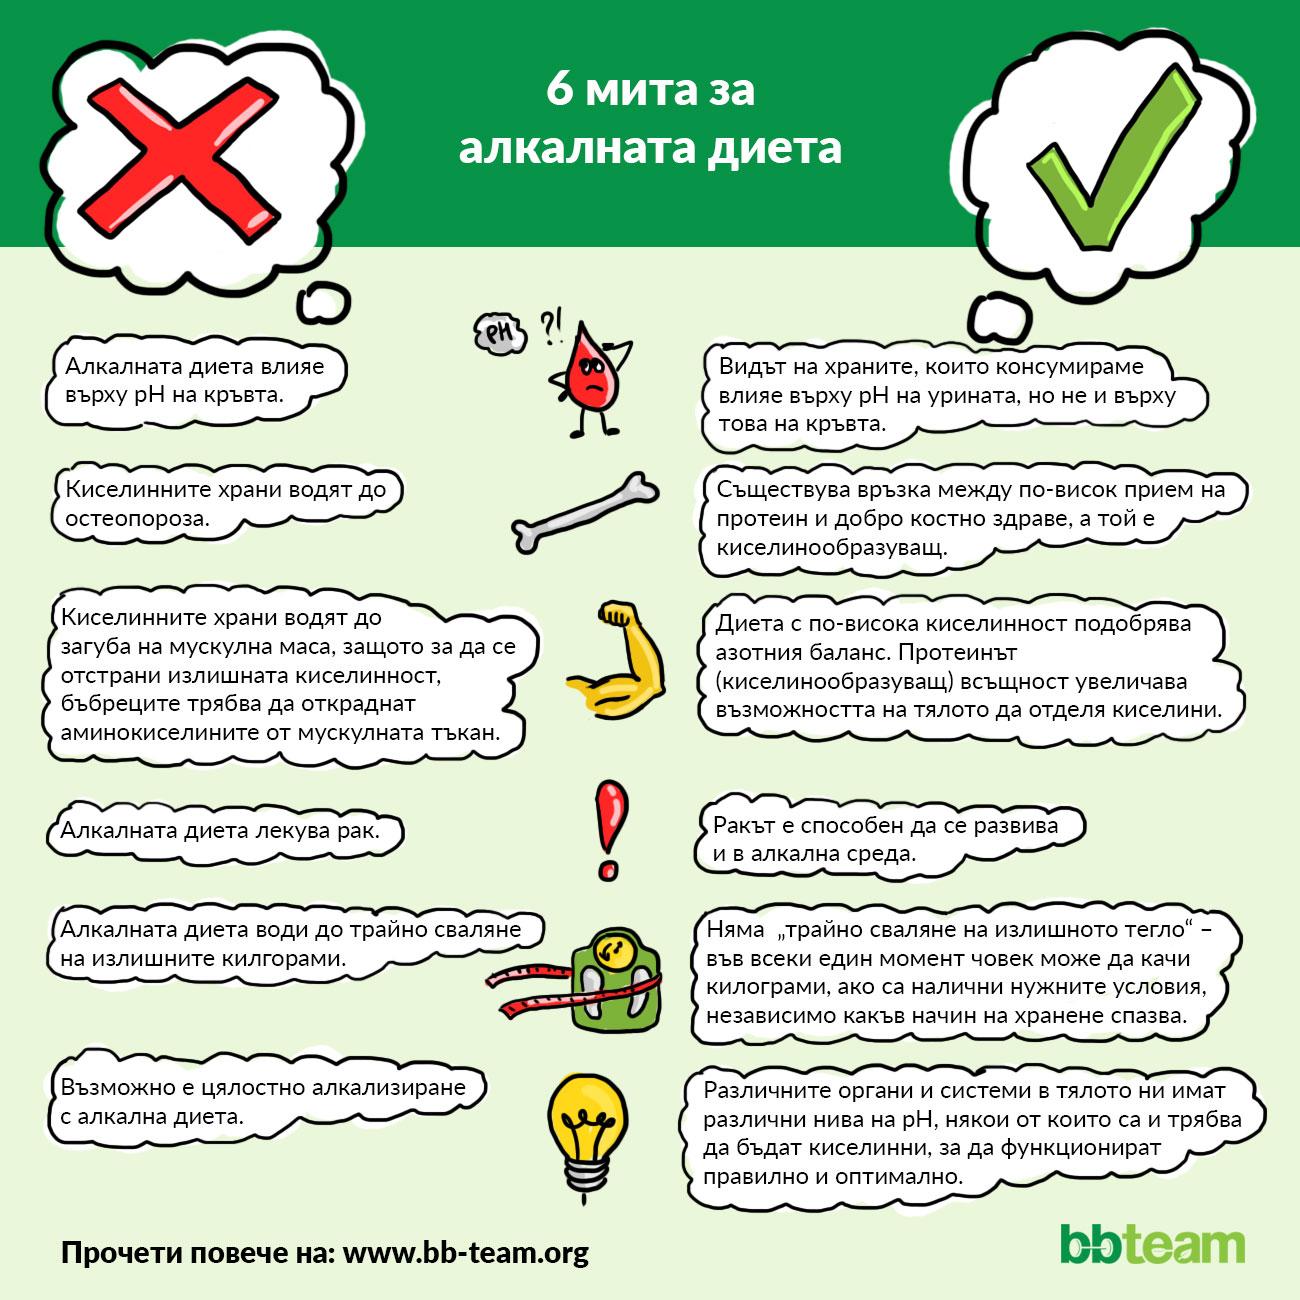 6 мита за алкалната диета [инфографика]